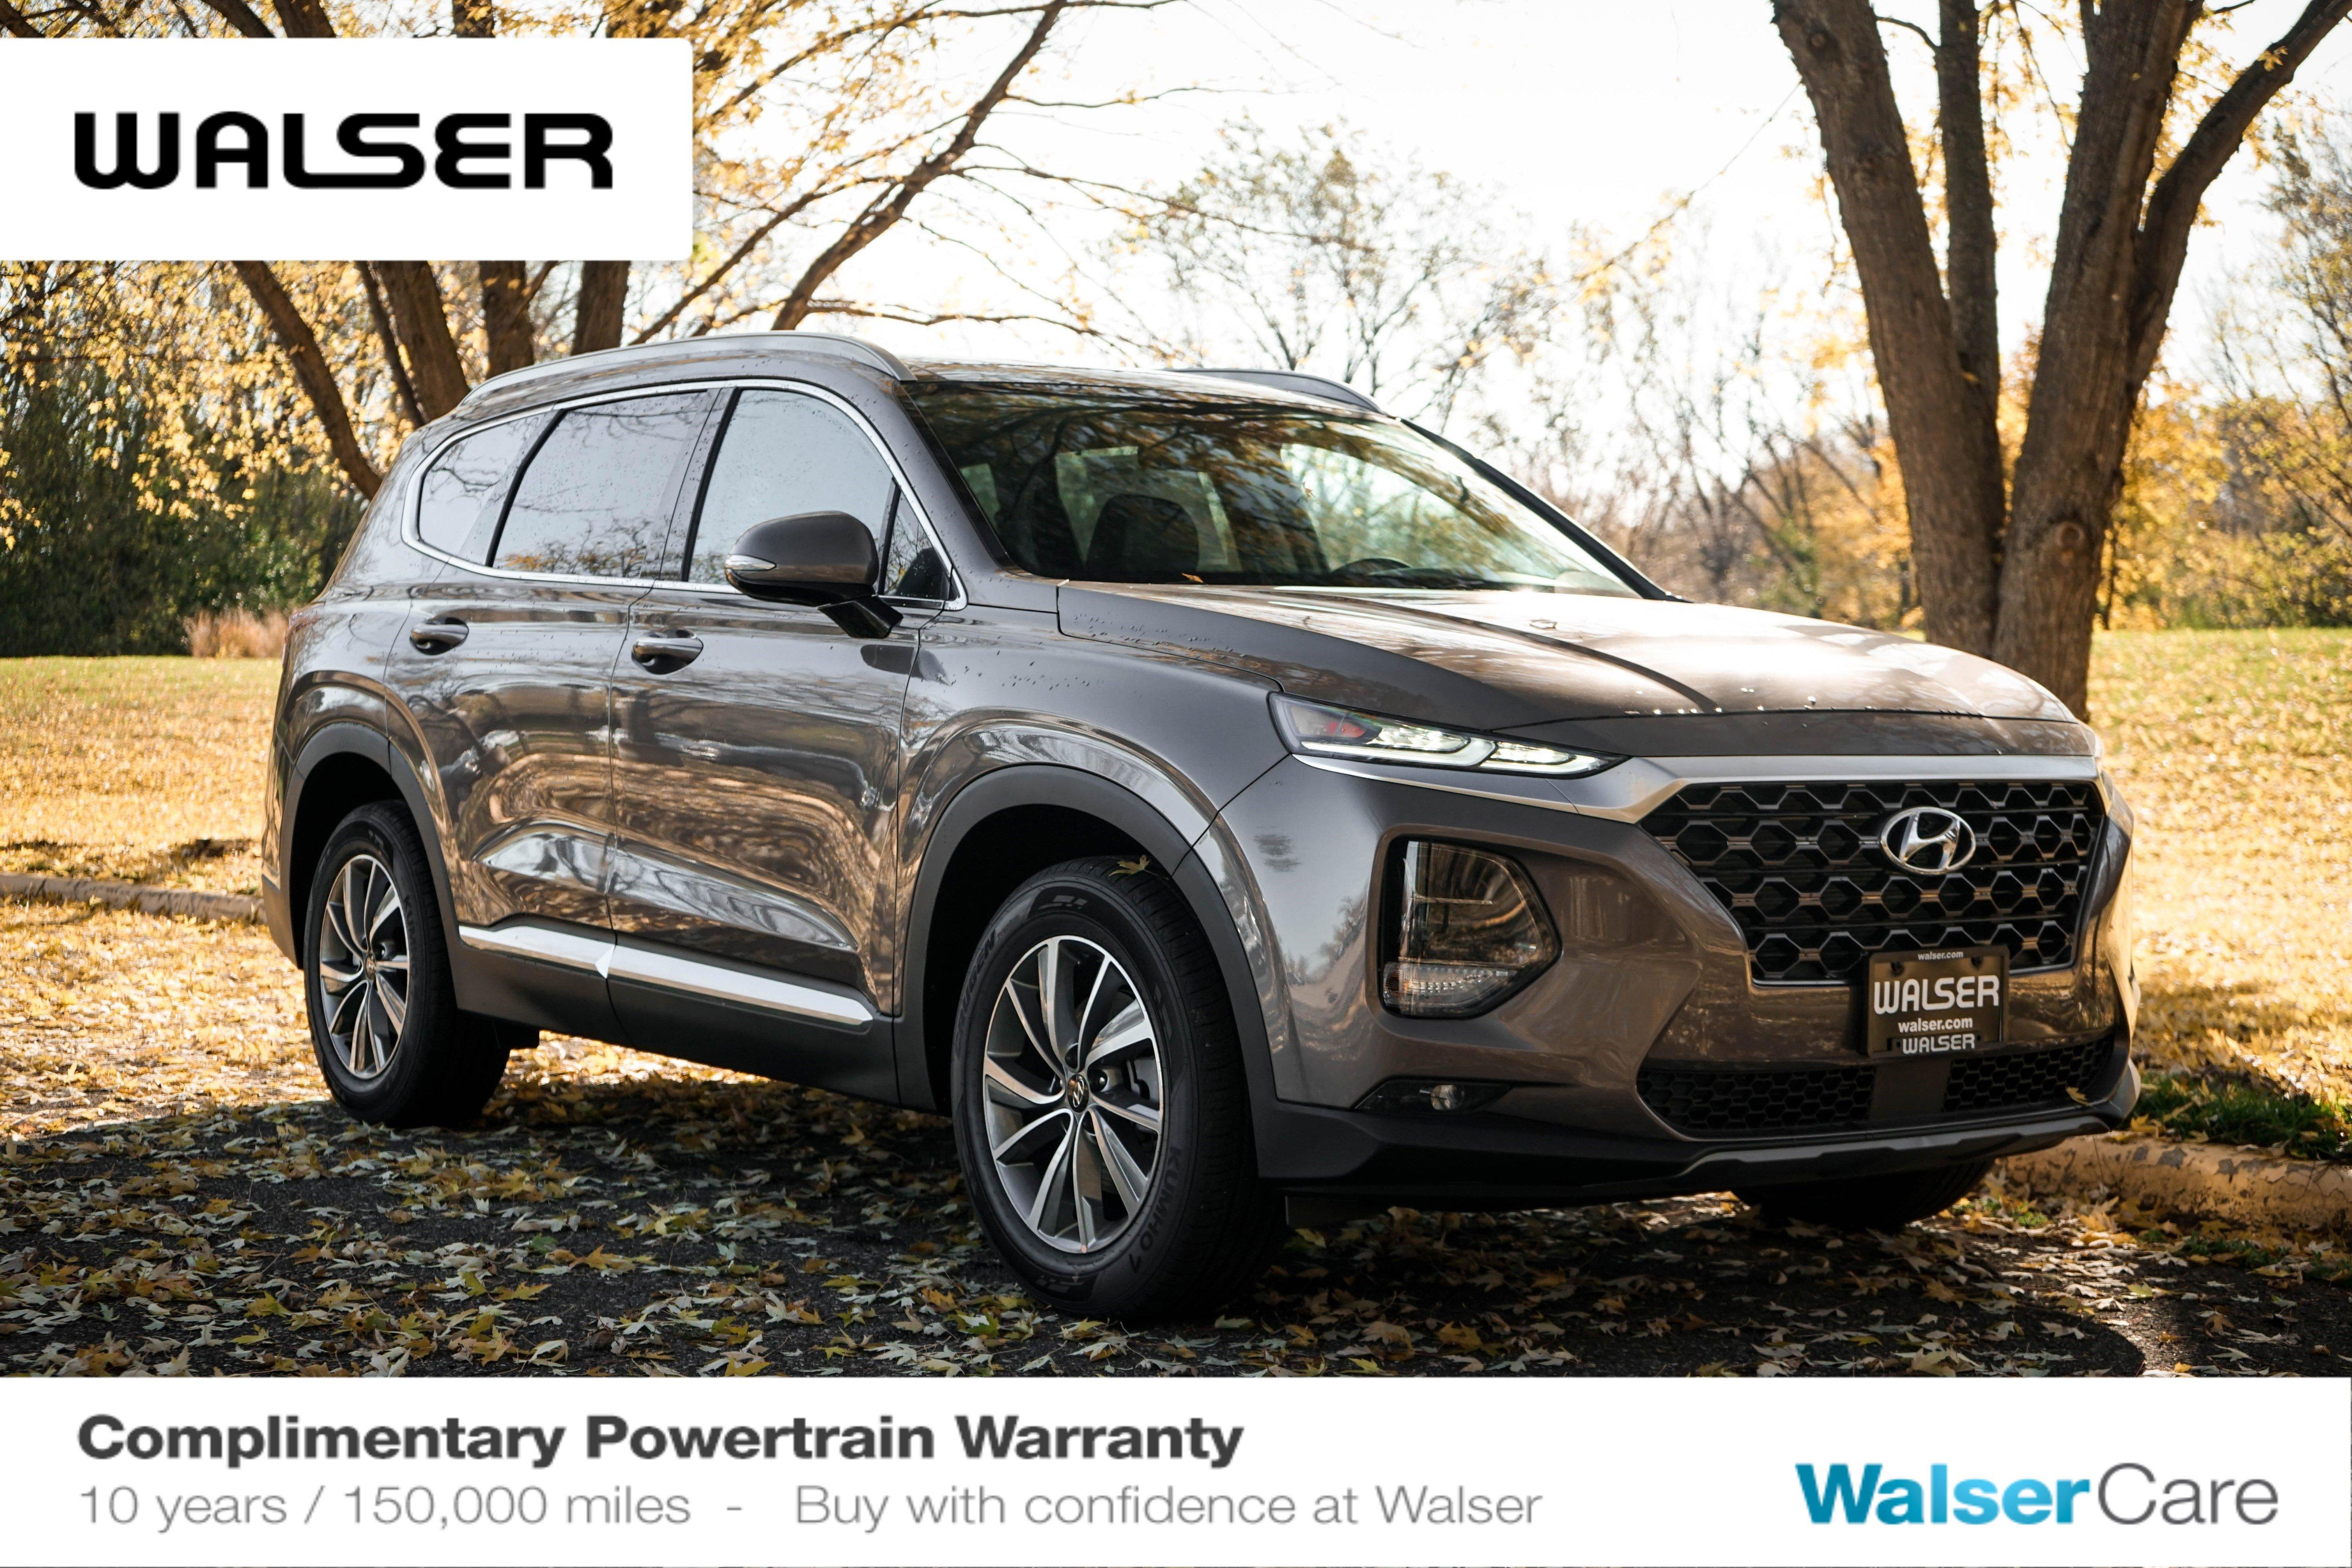 New 2020 Hyundai Santa Fe SEL 2.4 AWD/3